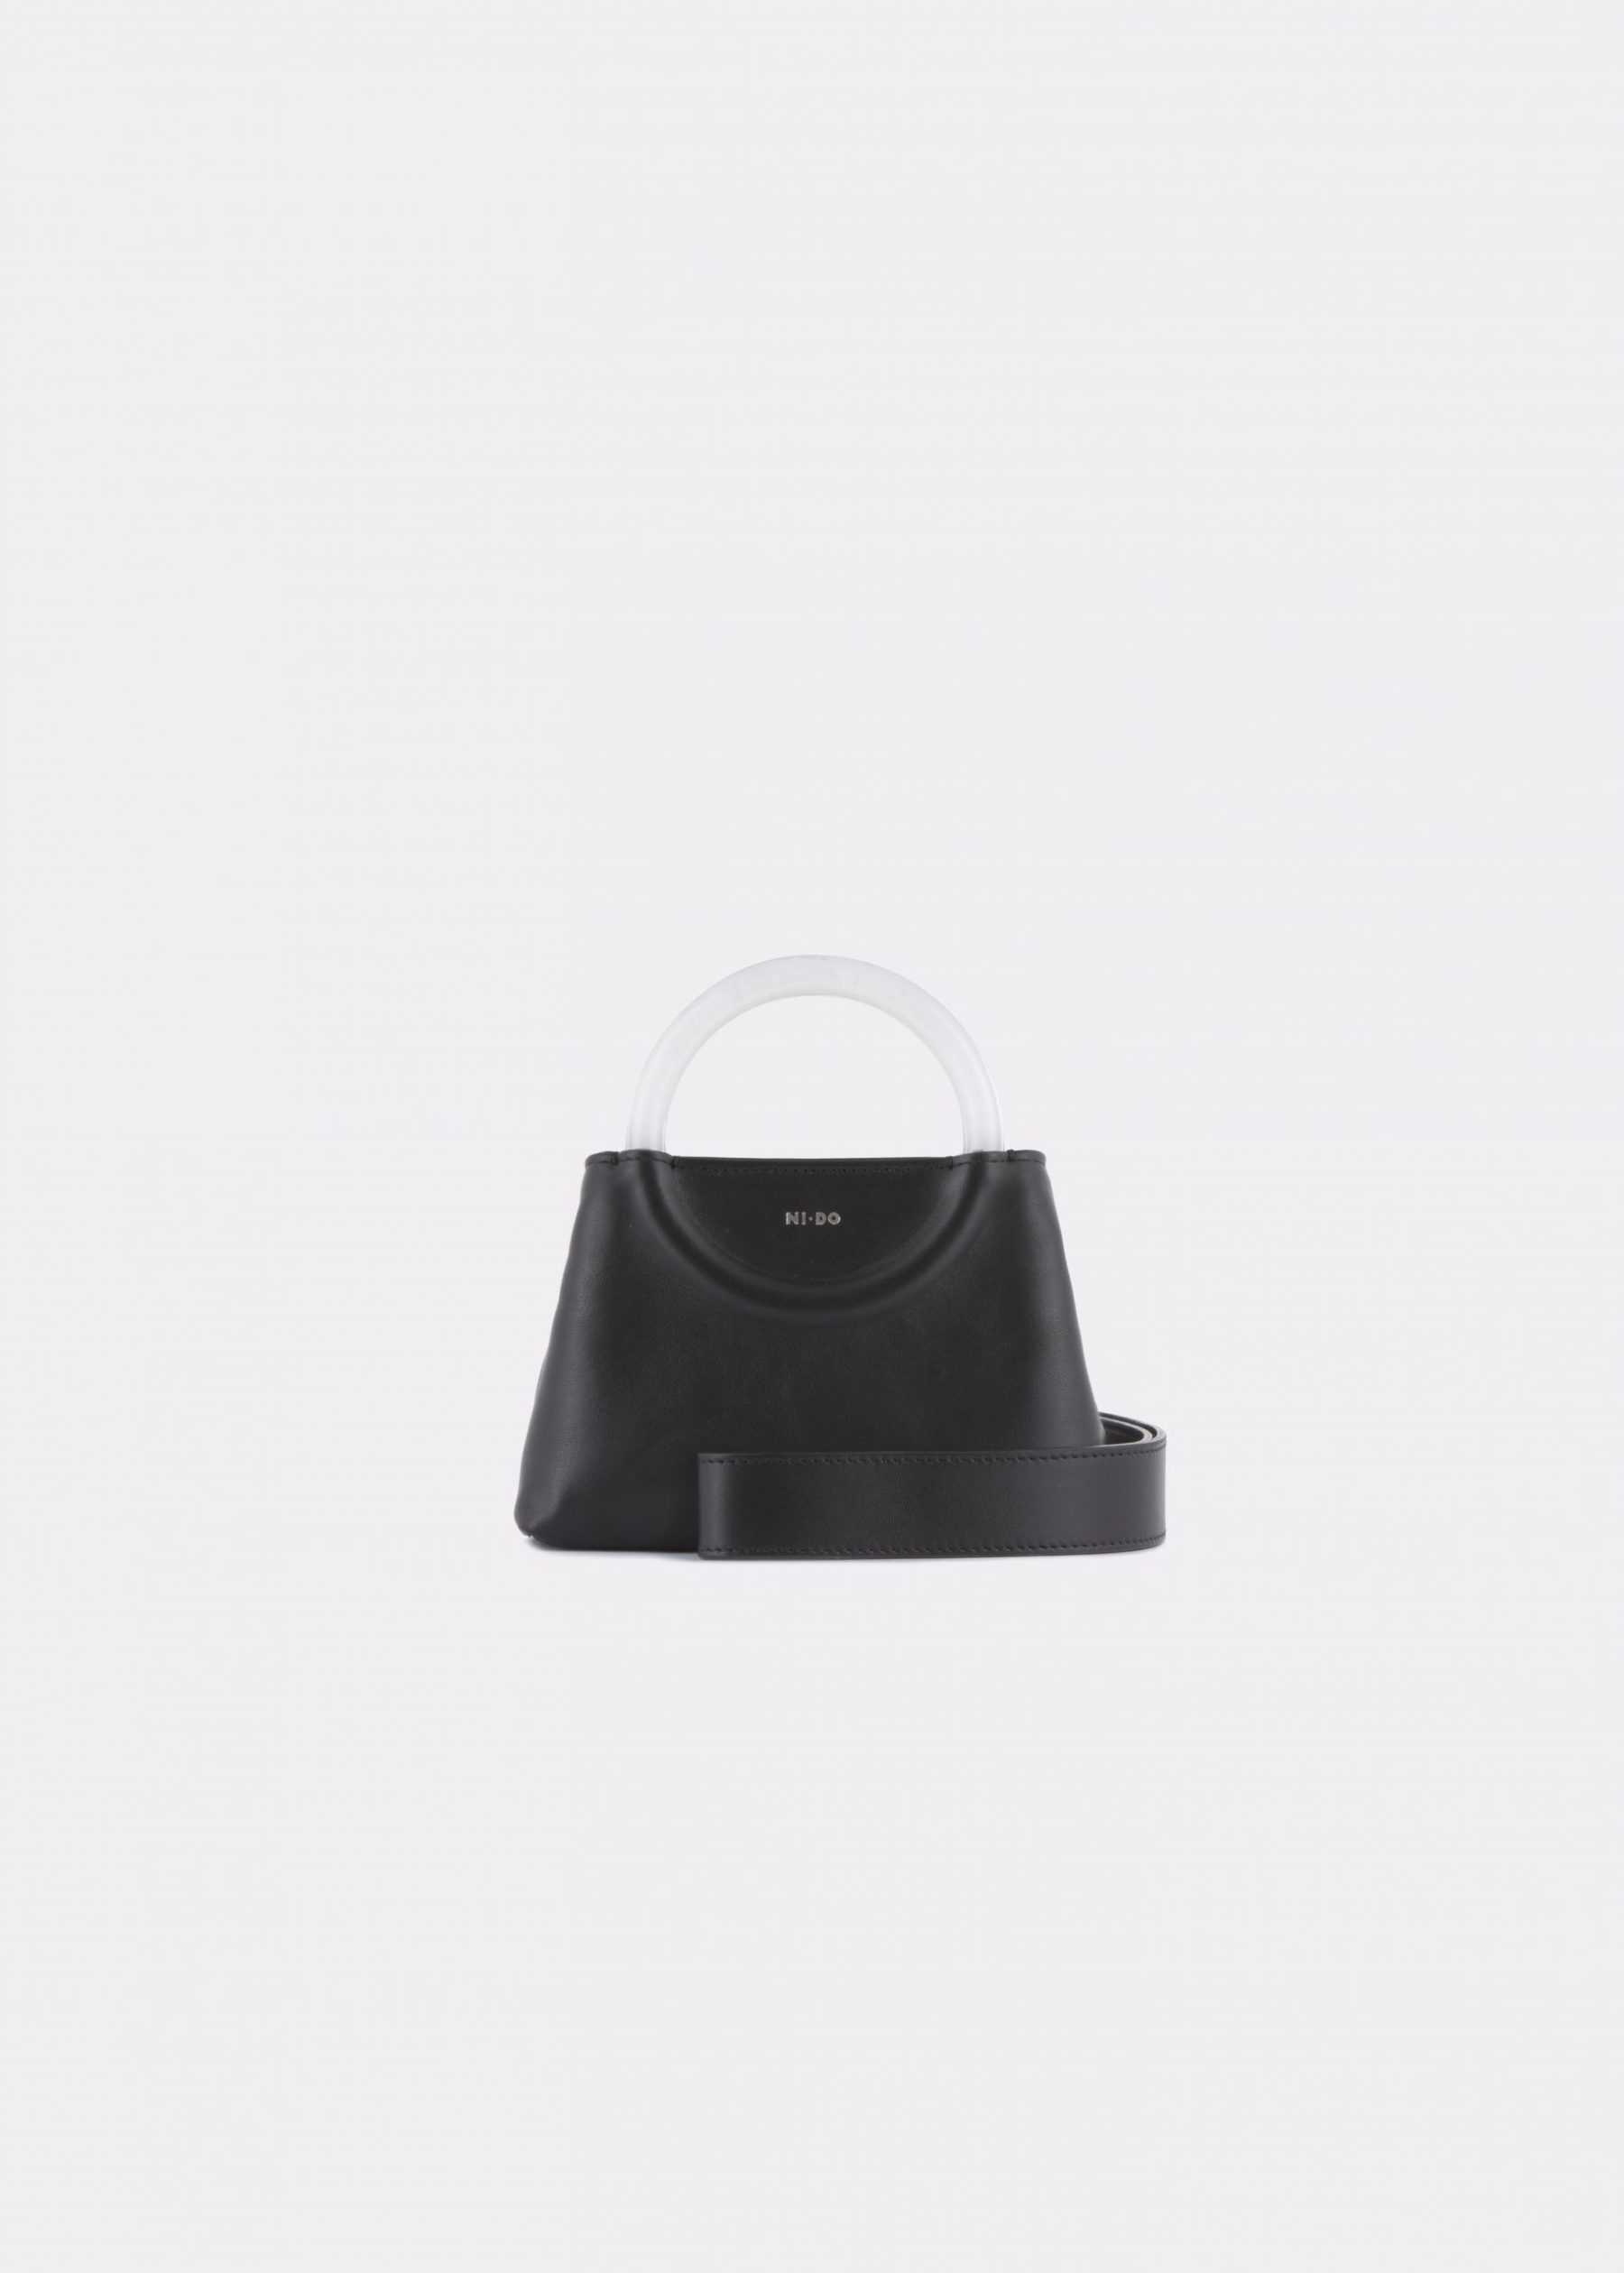 NIDO-Bolla_Mini-bag-Black-Pearl_shoulderstrap view